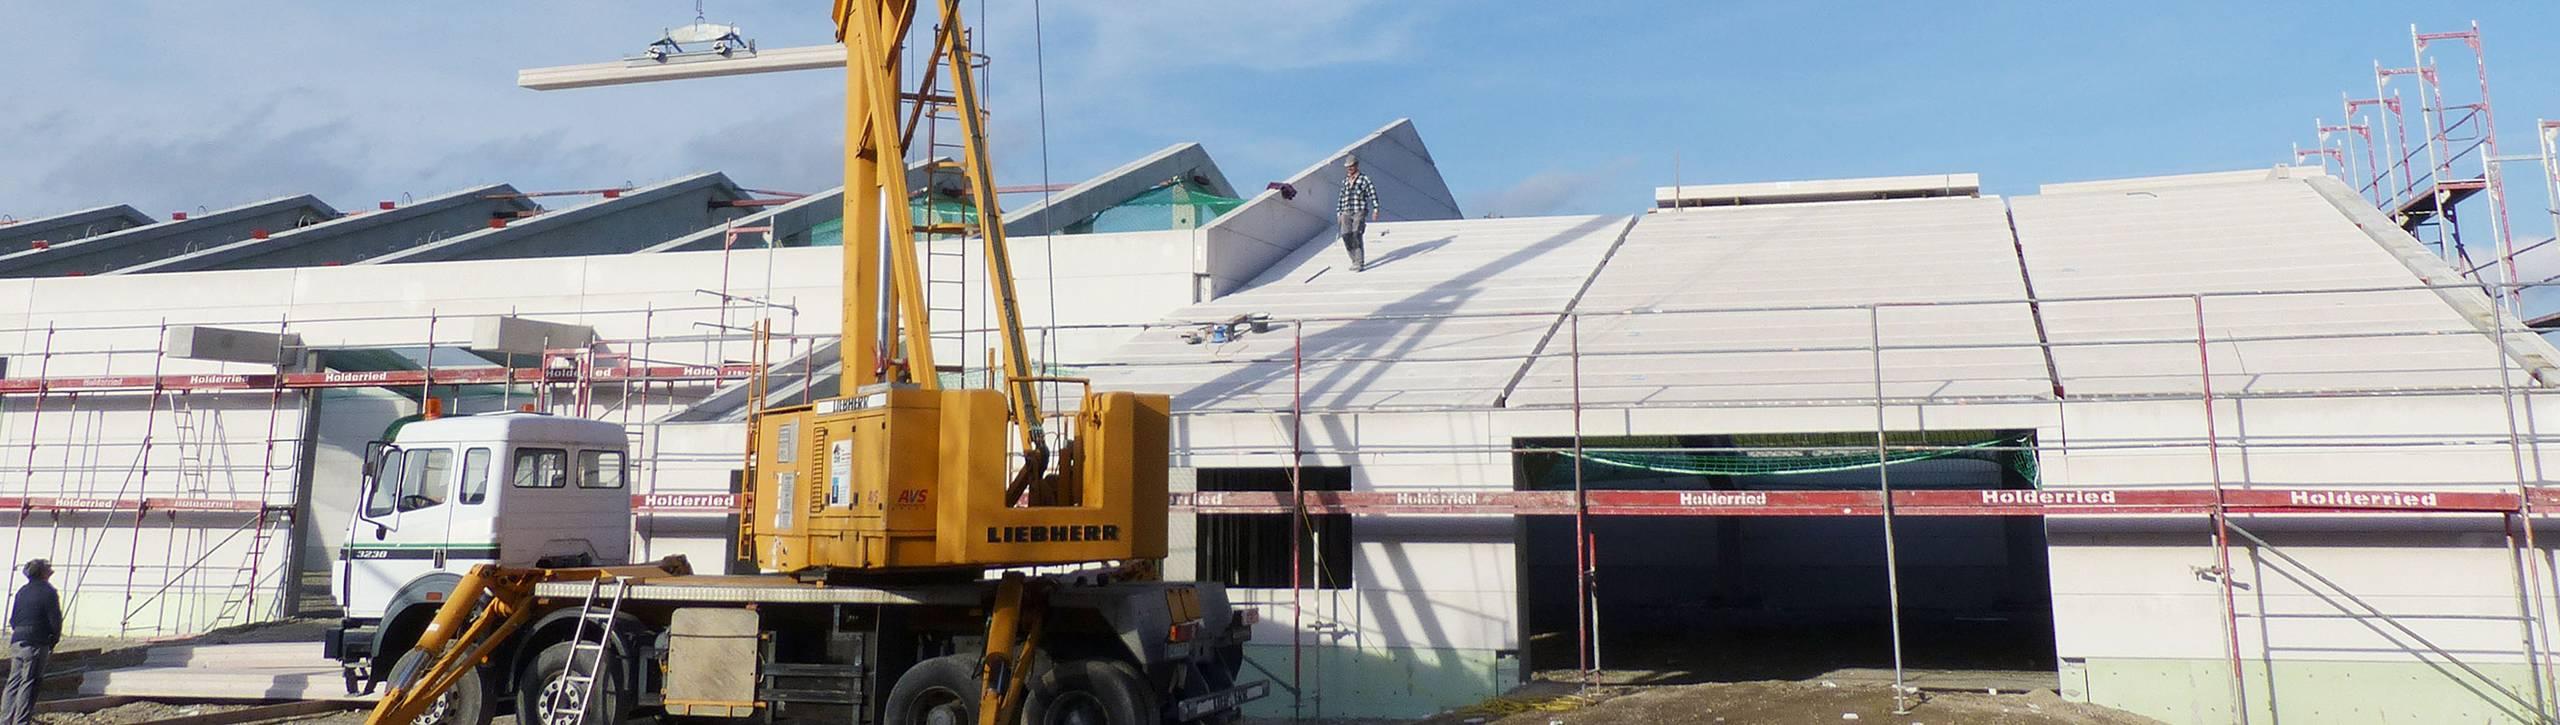 Hallenbau – Toni Ungelert Bauunternehmen